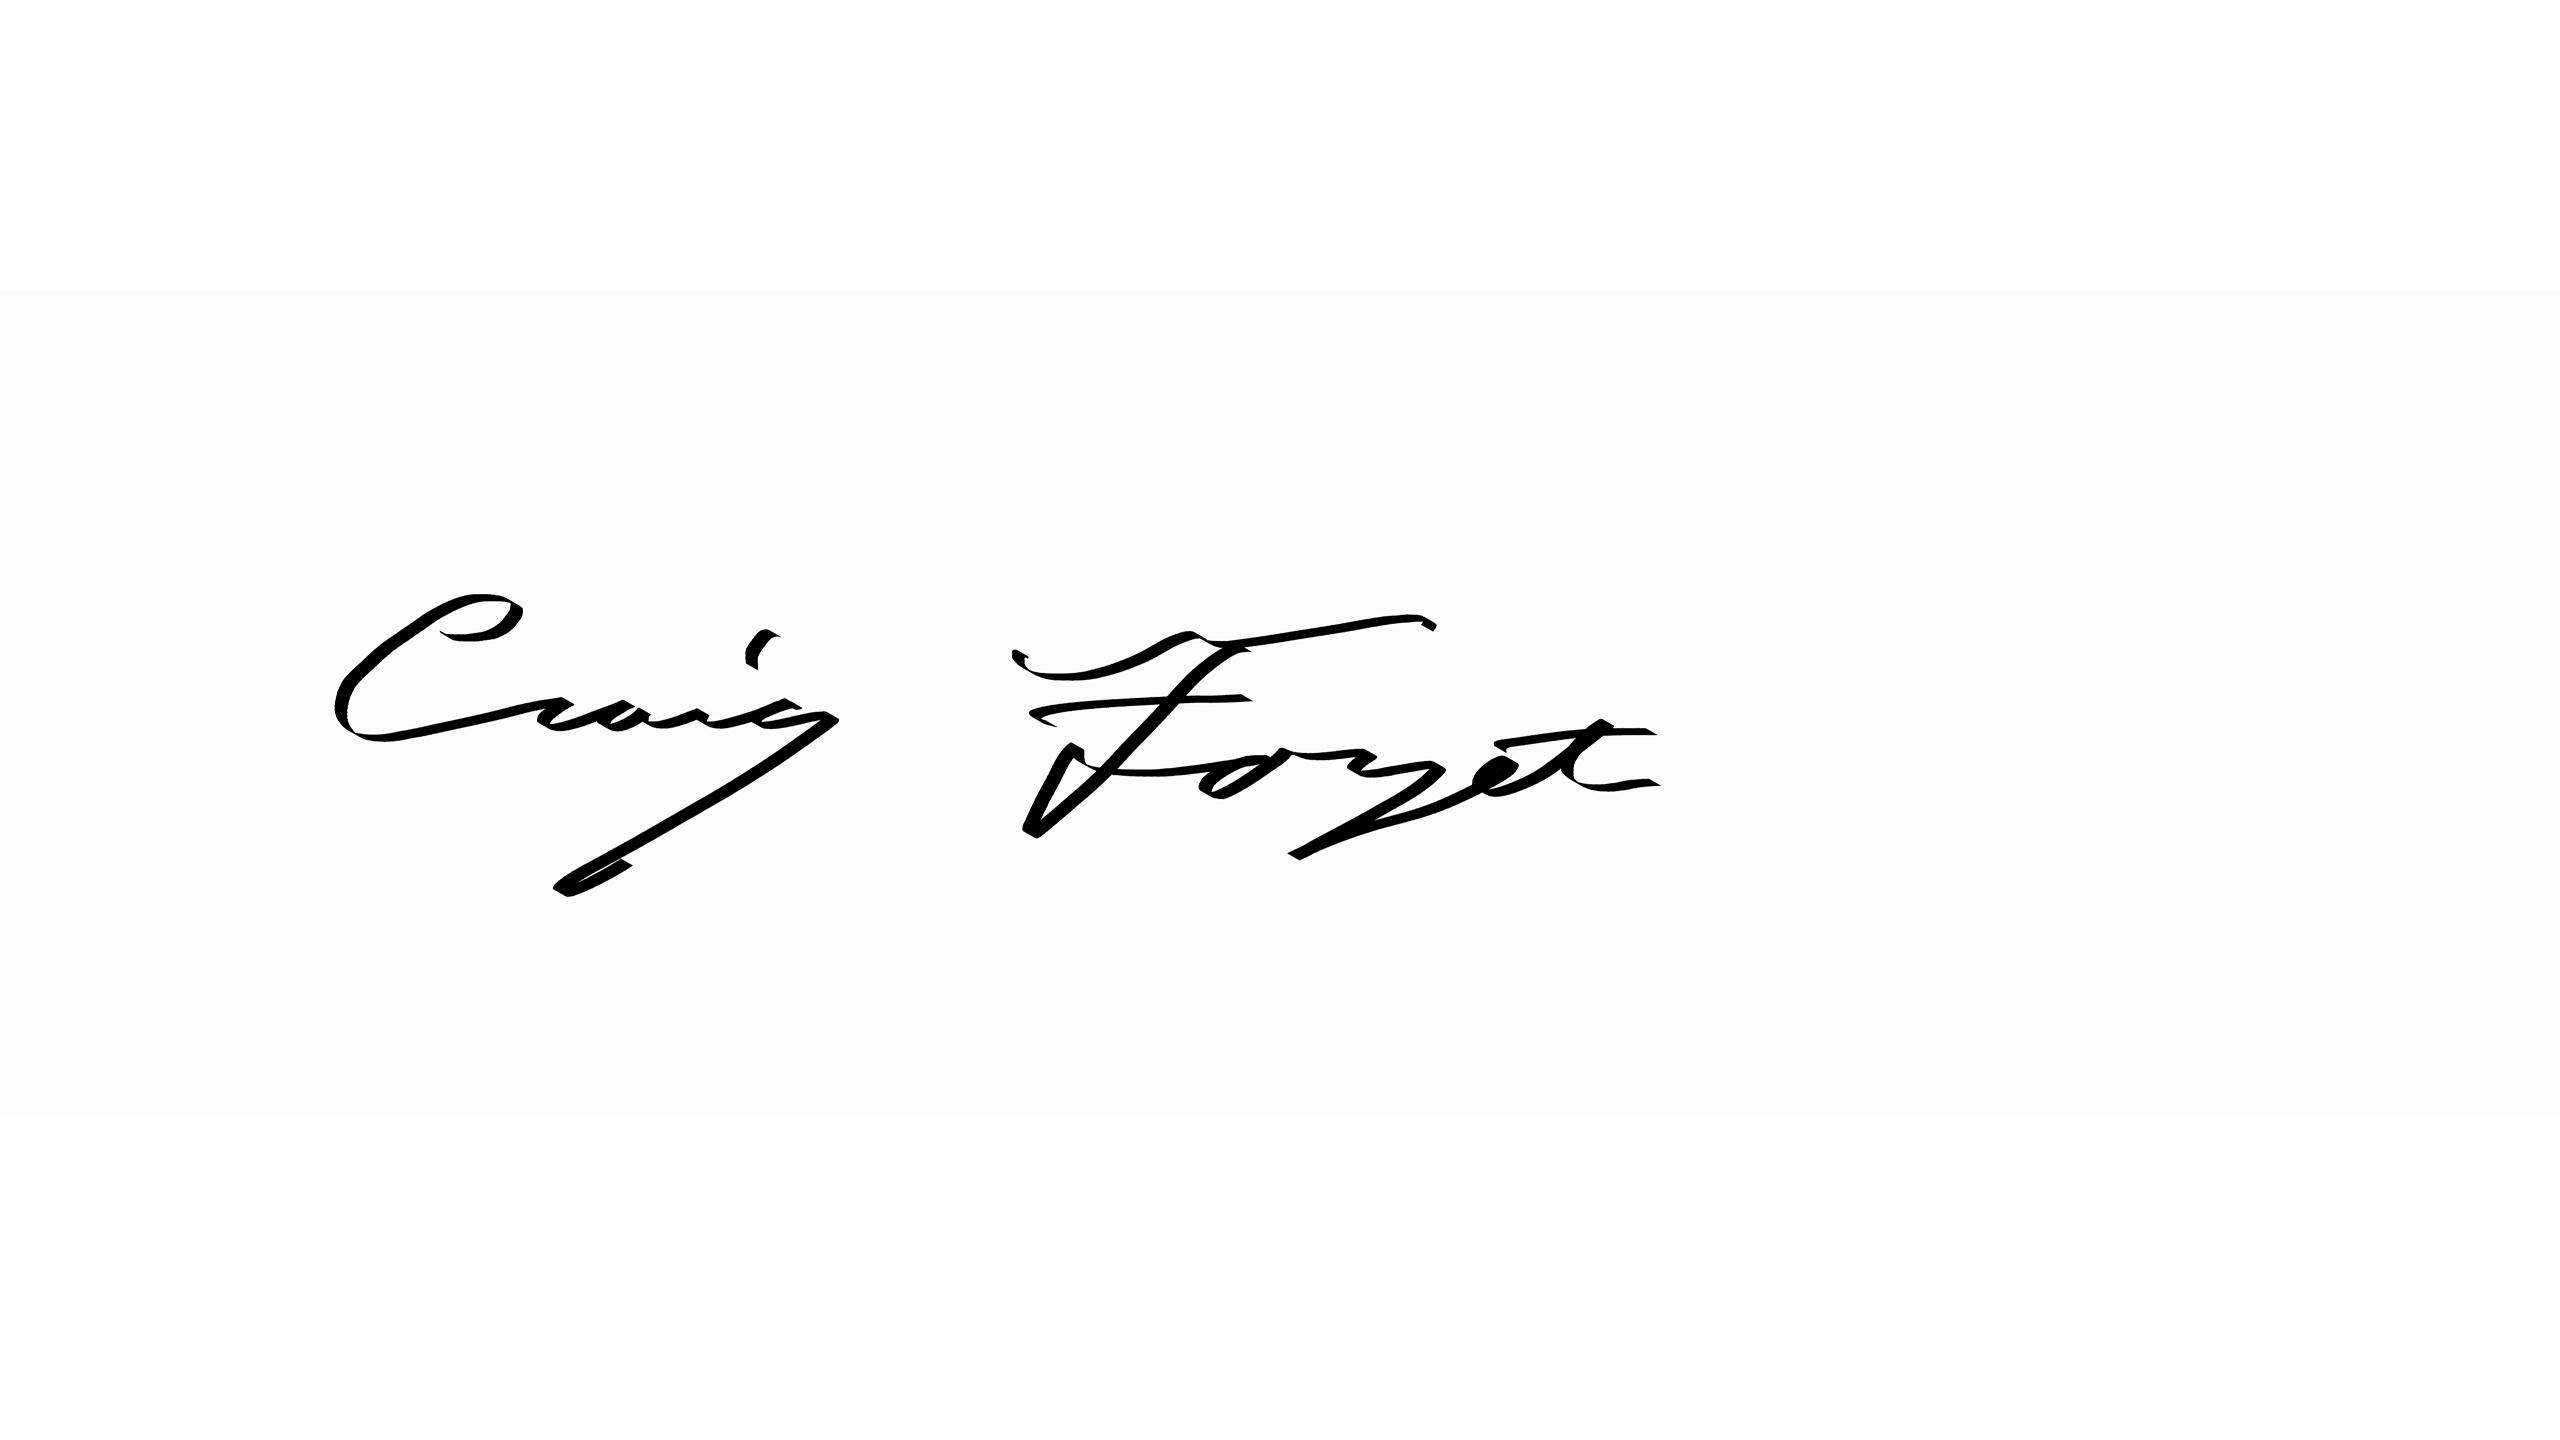 Craig  Forget's Signature